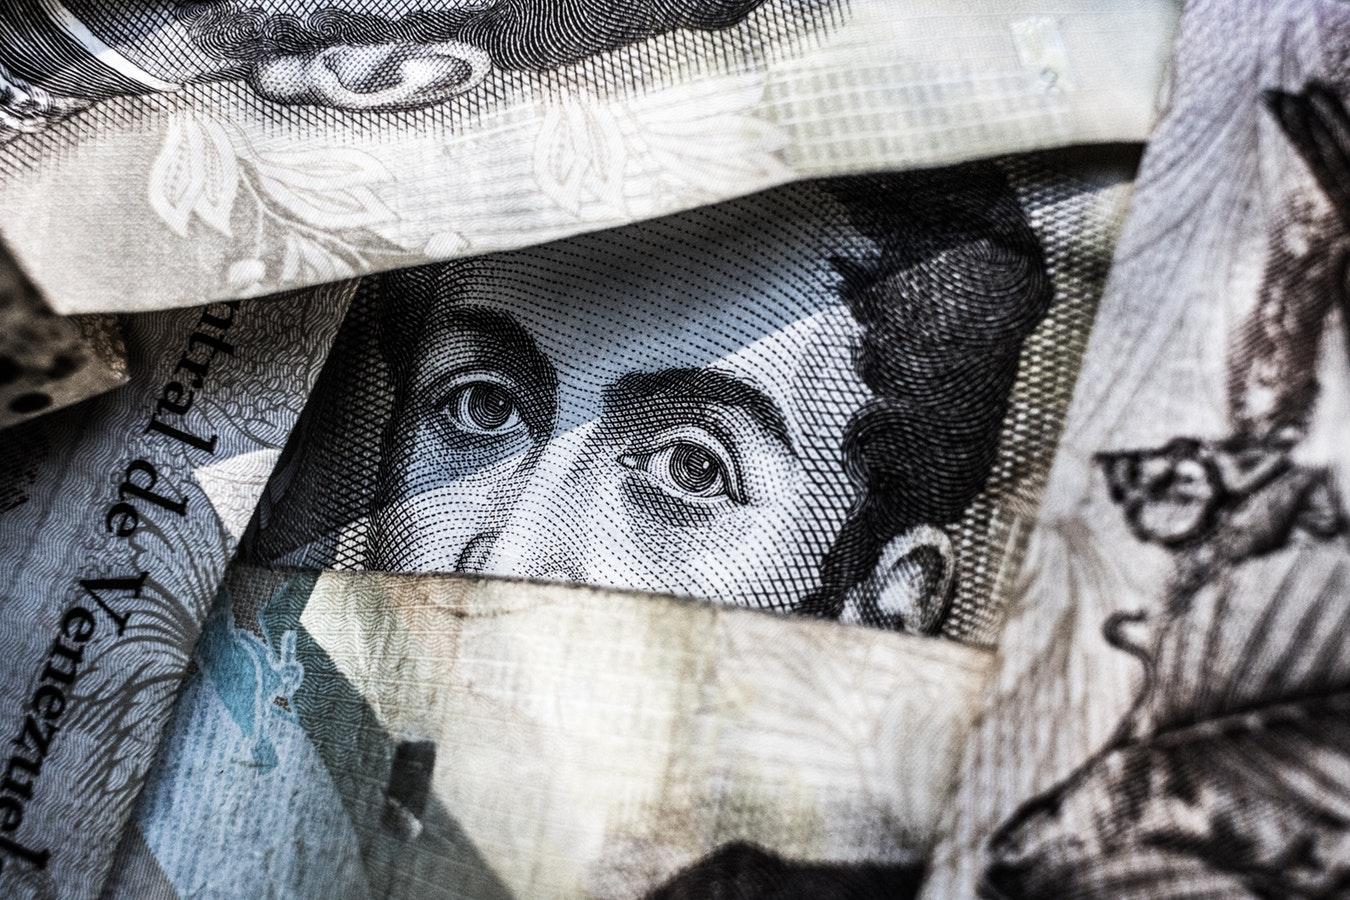 comment gérer ses transferts d'argent depuis l'étranger